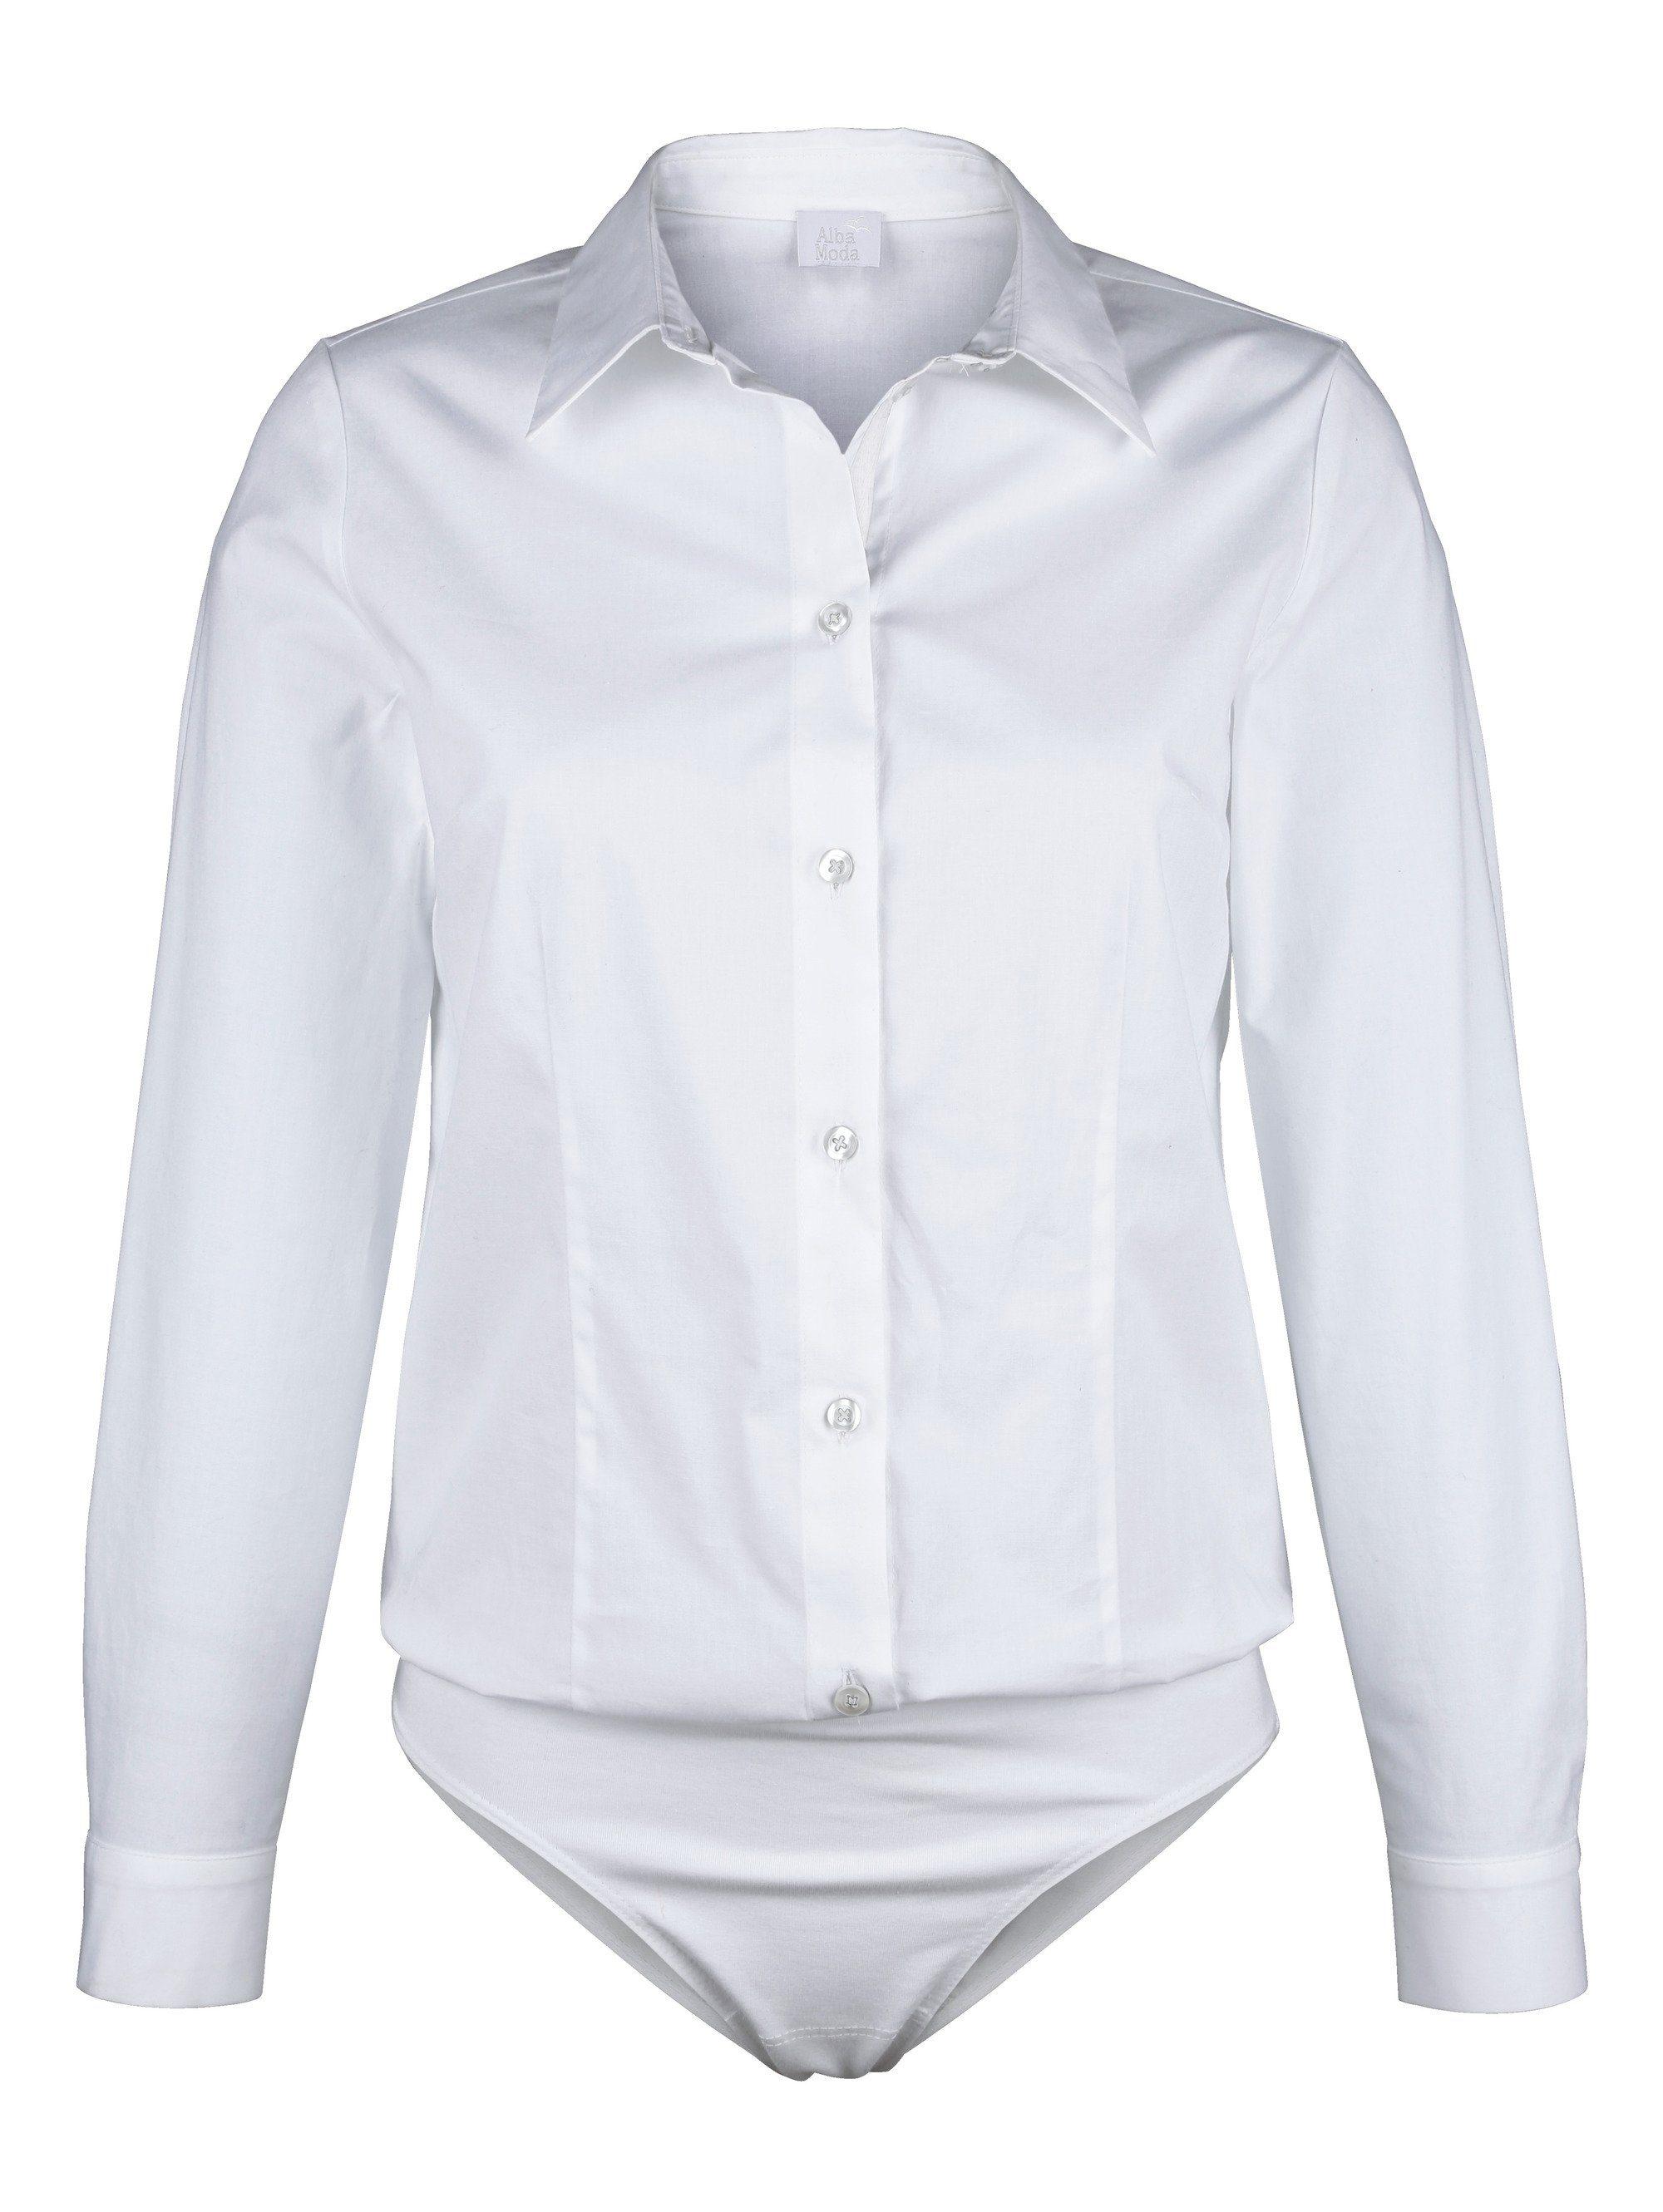 Alba Moda Blusenbody mit Hemdblusenkragen | Unterwäsche & Reizwäsche > Bodies & Corsagen > Blusenbodys | Weiß | Elasthan - Baumwolle - Jersey | ALBA MODA